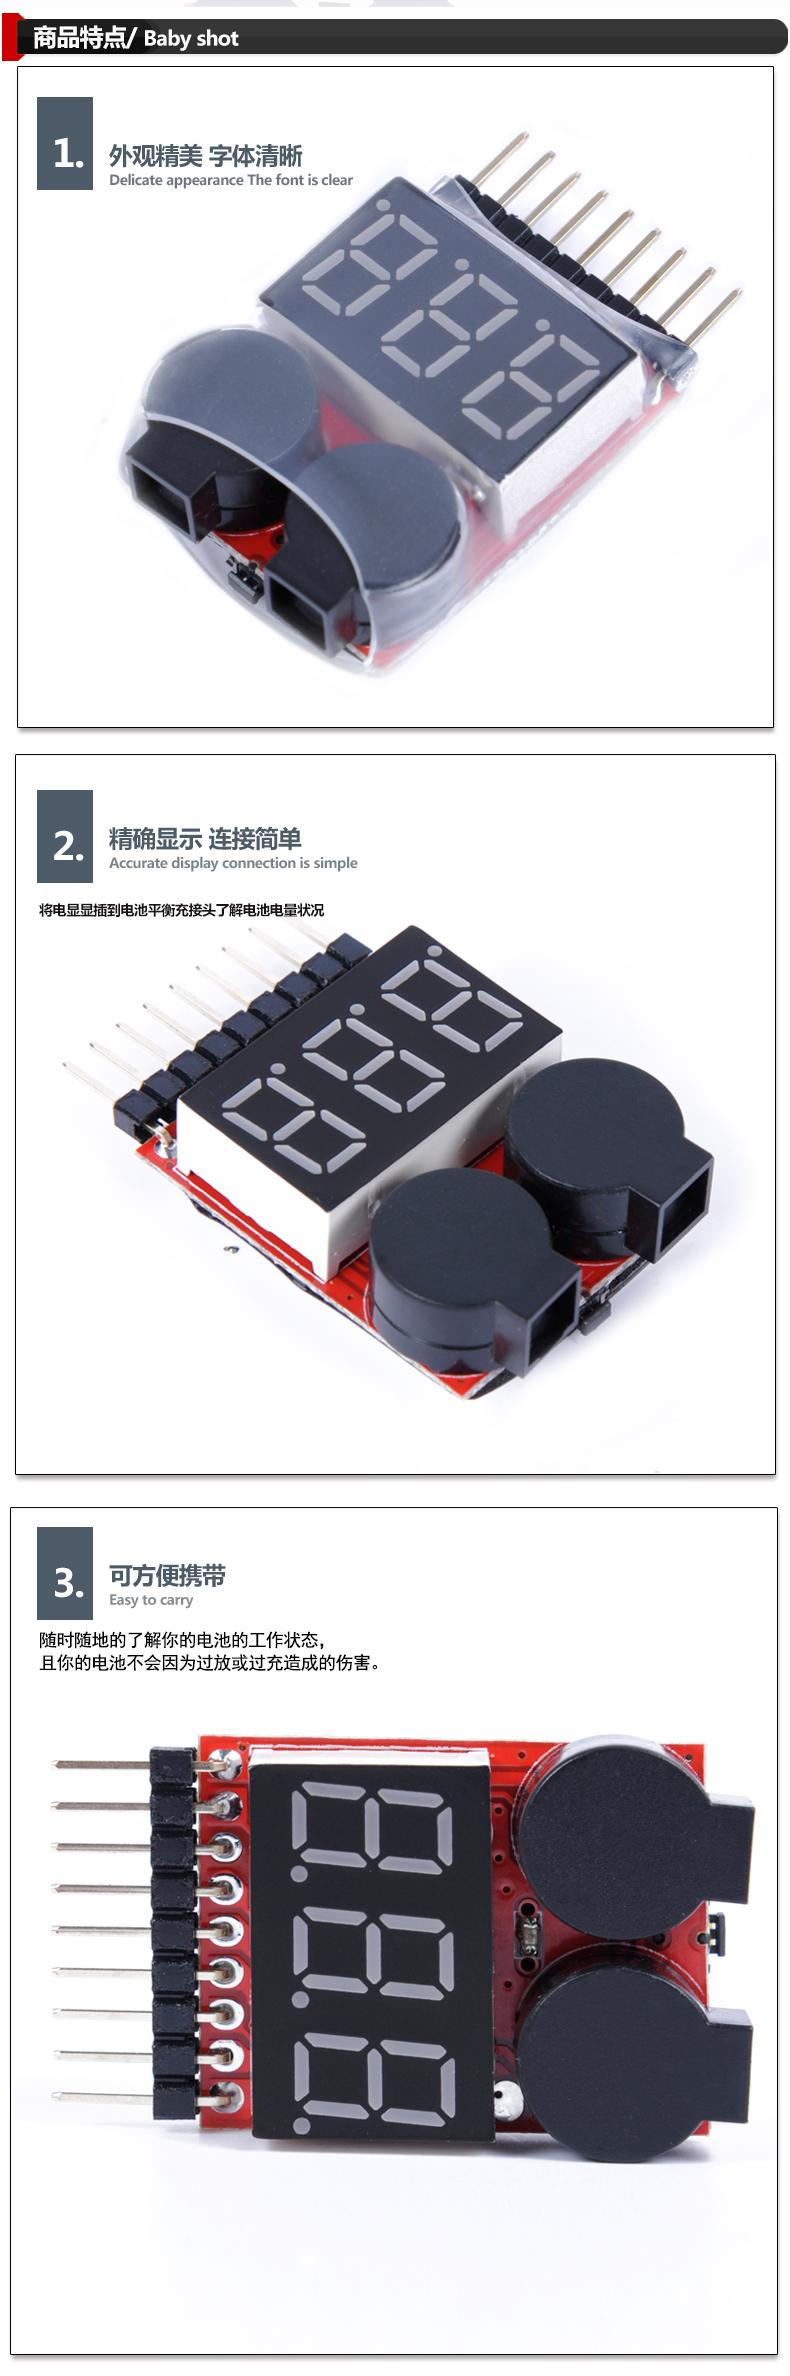 螃蟹王国 航模电池2s-6s低压报警器电量显示器 bb响